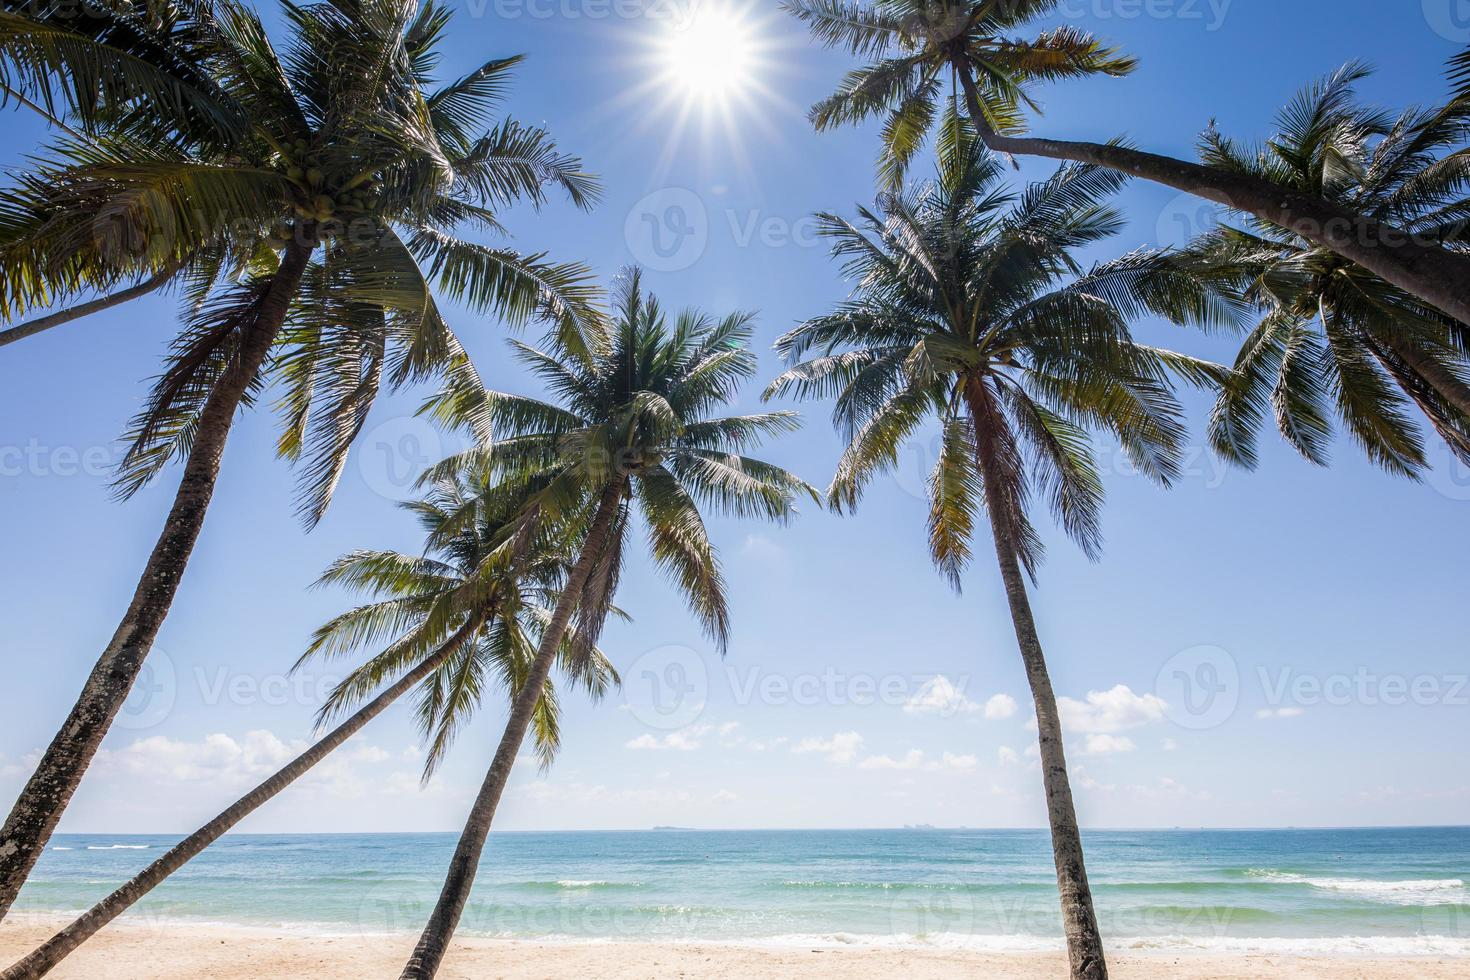 kokospalmen voor de oceaan foto